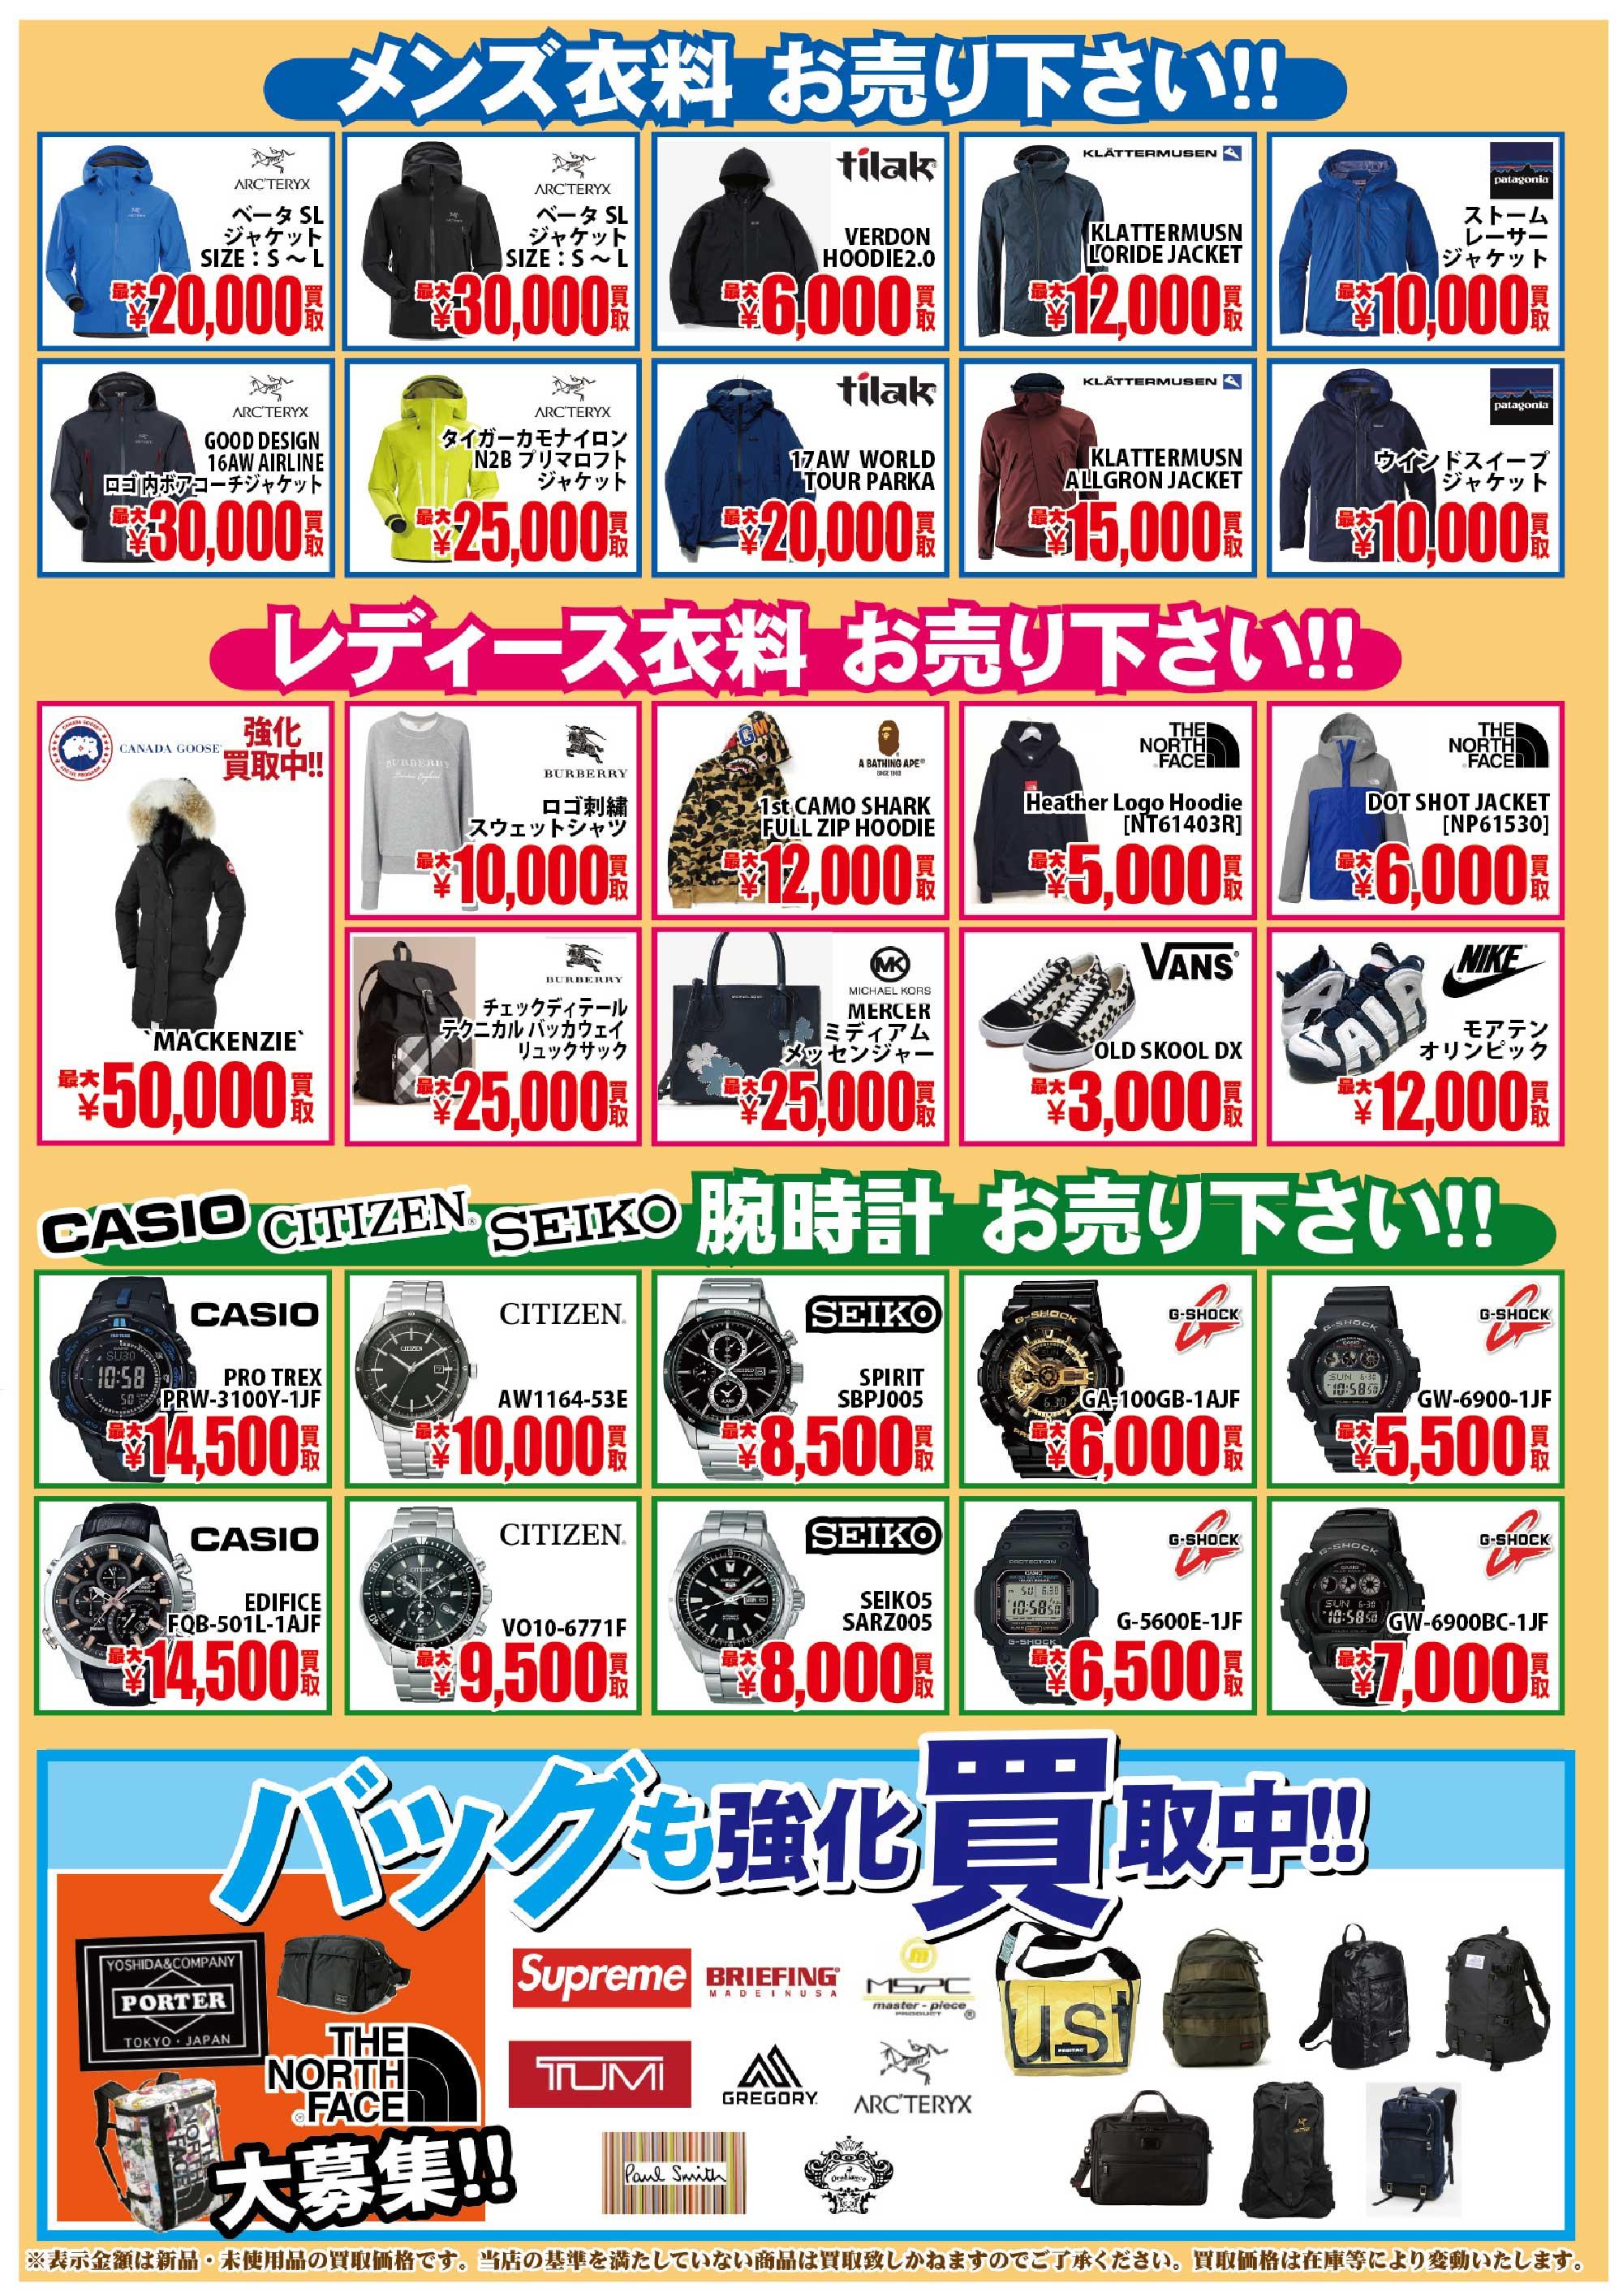 「開放倉庫山城店」メンズ衣料・レディース衣料・腕時計お売りください!バッグも強化買取中!!